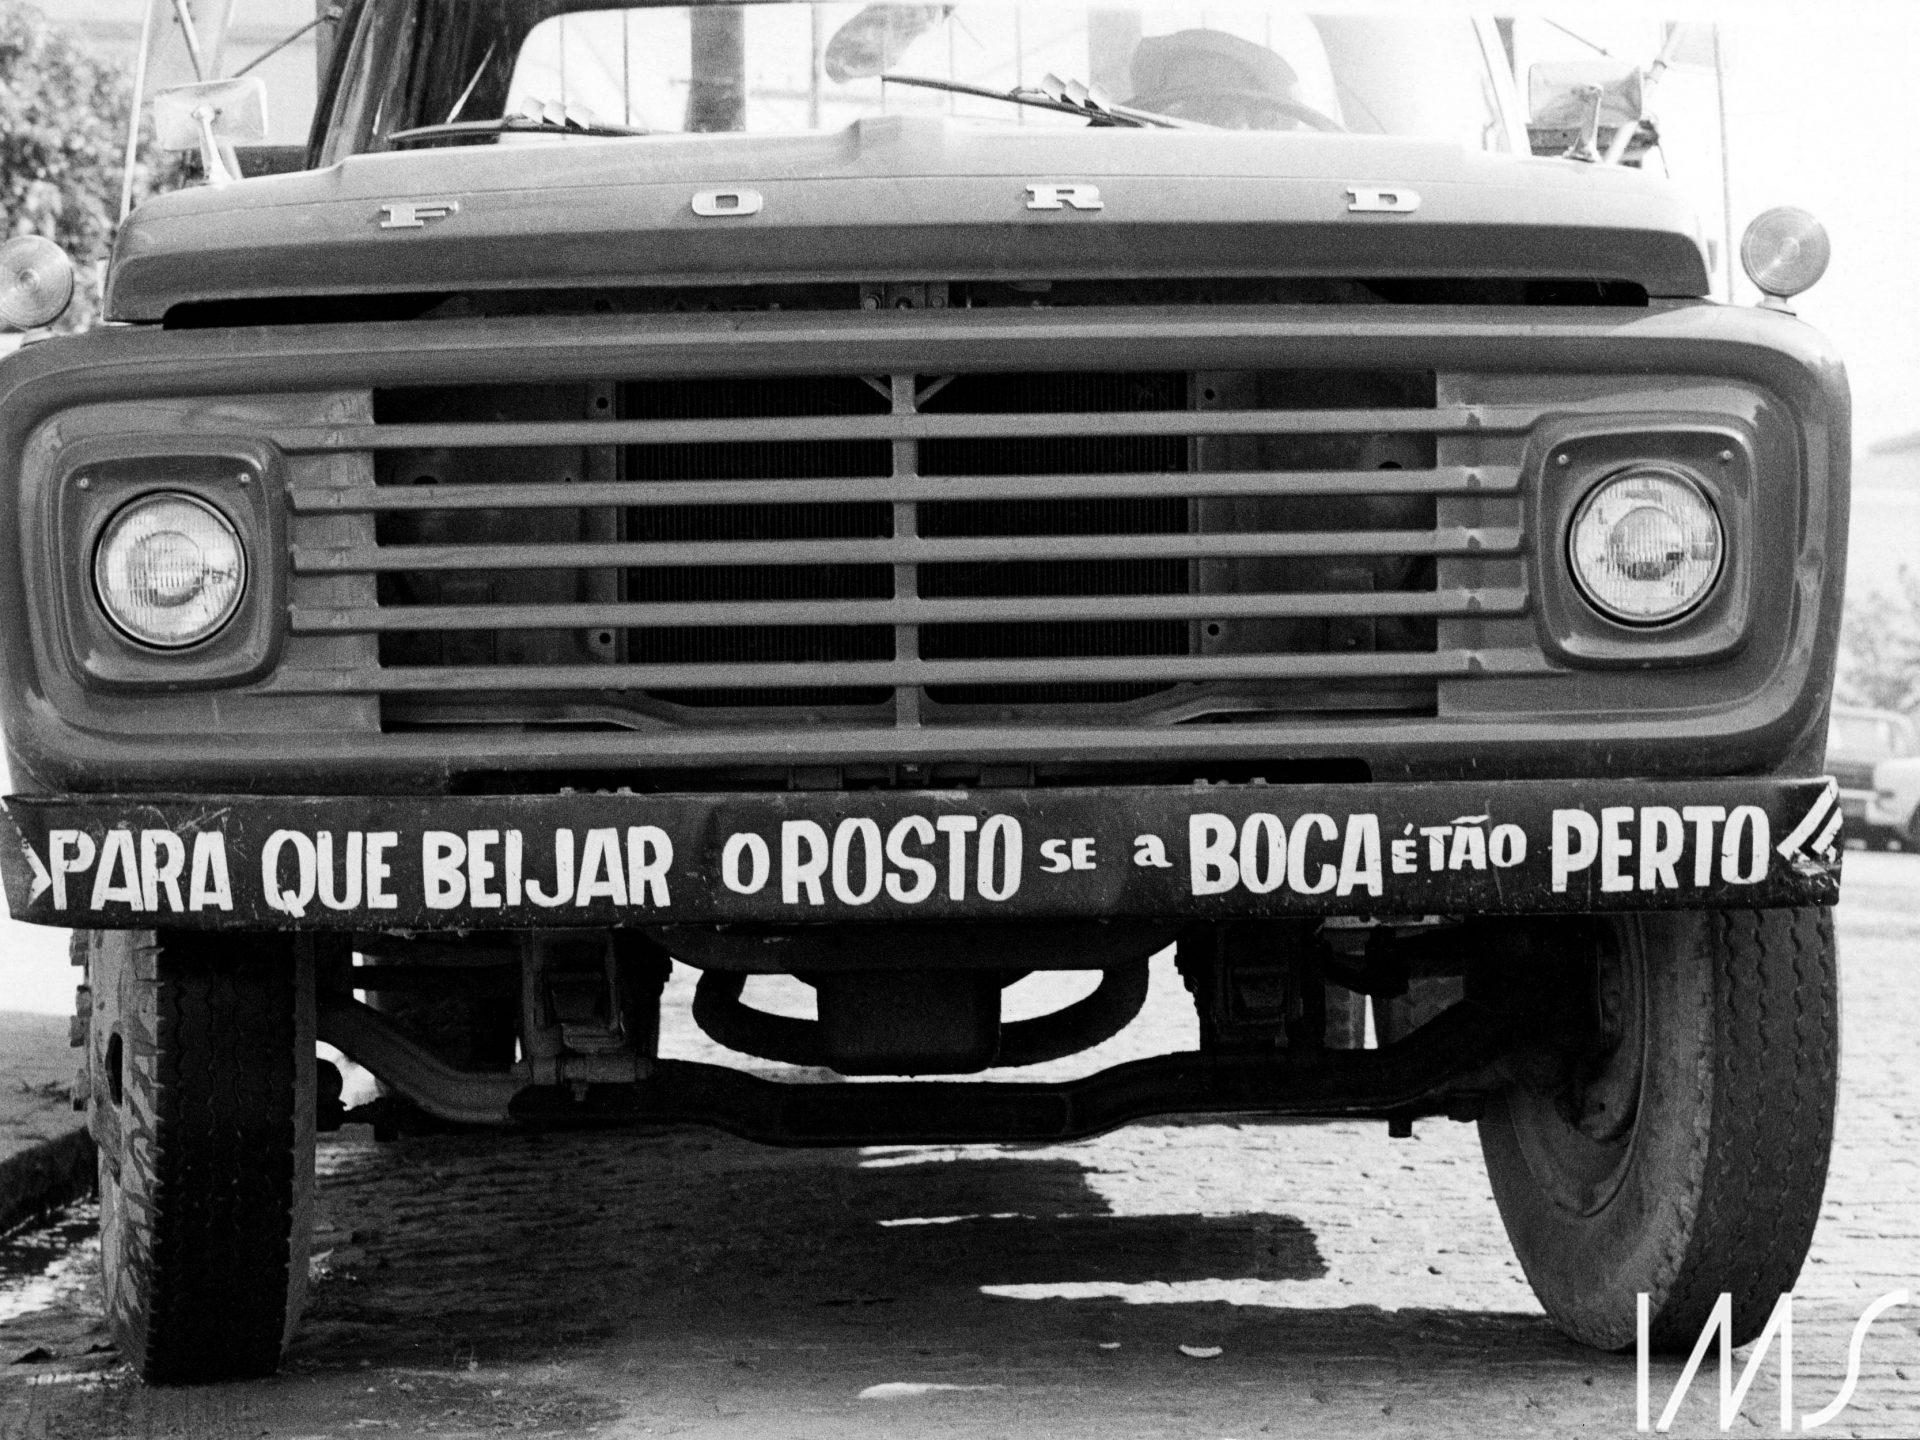 """Frase """"Para que beijar o rosto se a boca é tão perto"""" inscrita em para-choque de caminhão"""